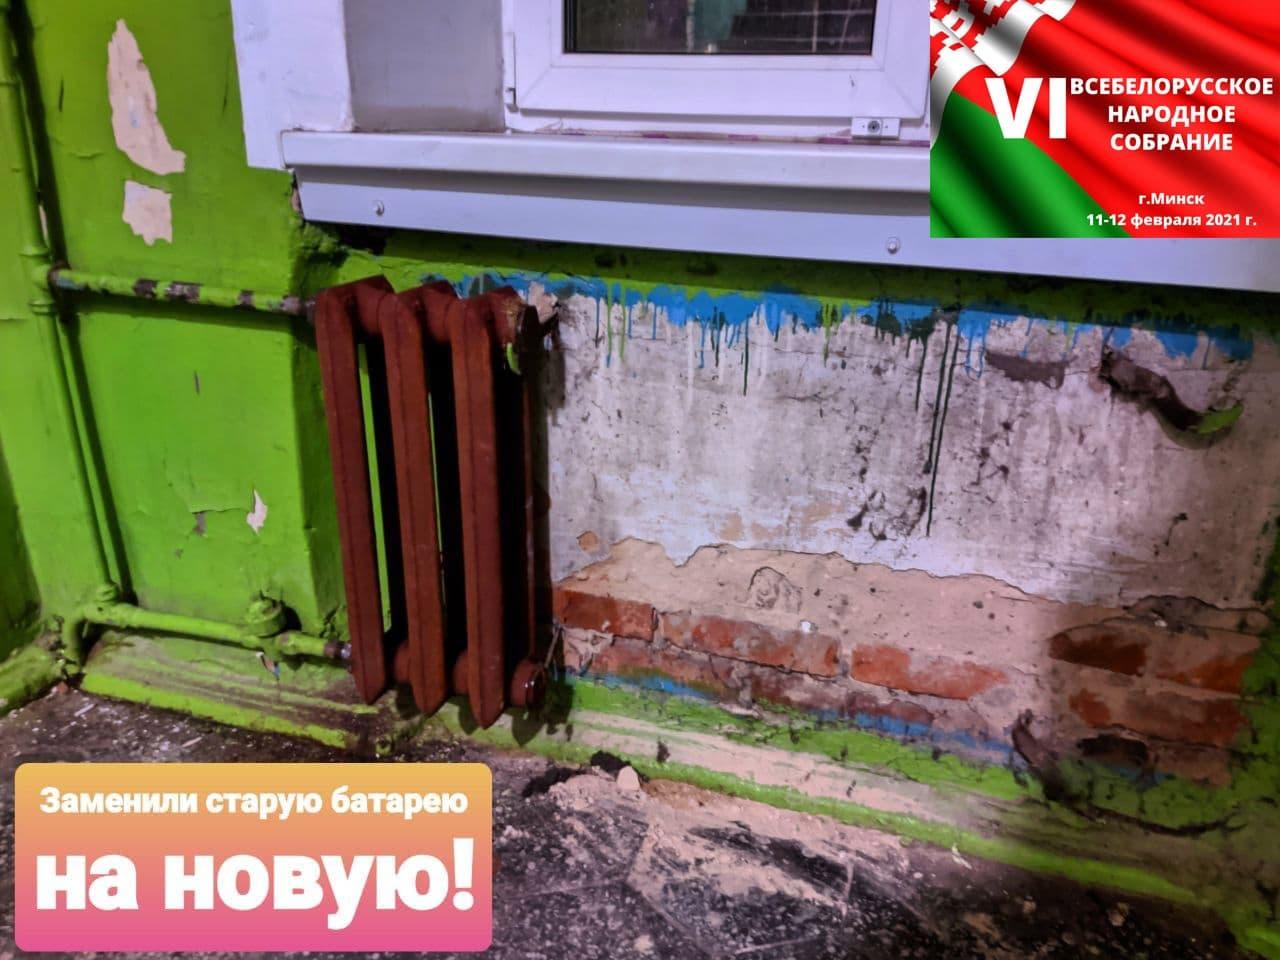 После-прорыва-труб-в-многоэтажке-Бобруйска-крошатся-лестница,-стены,-беда-с-проводкой